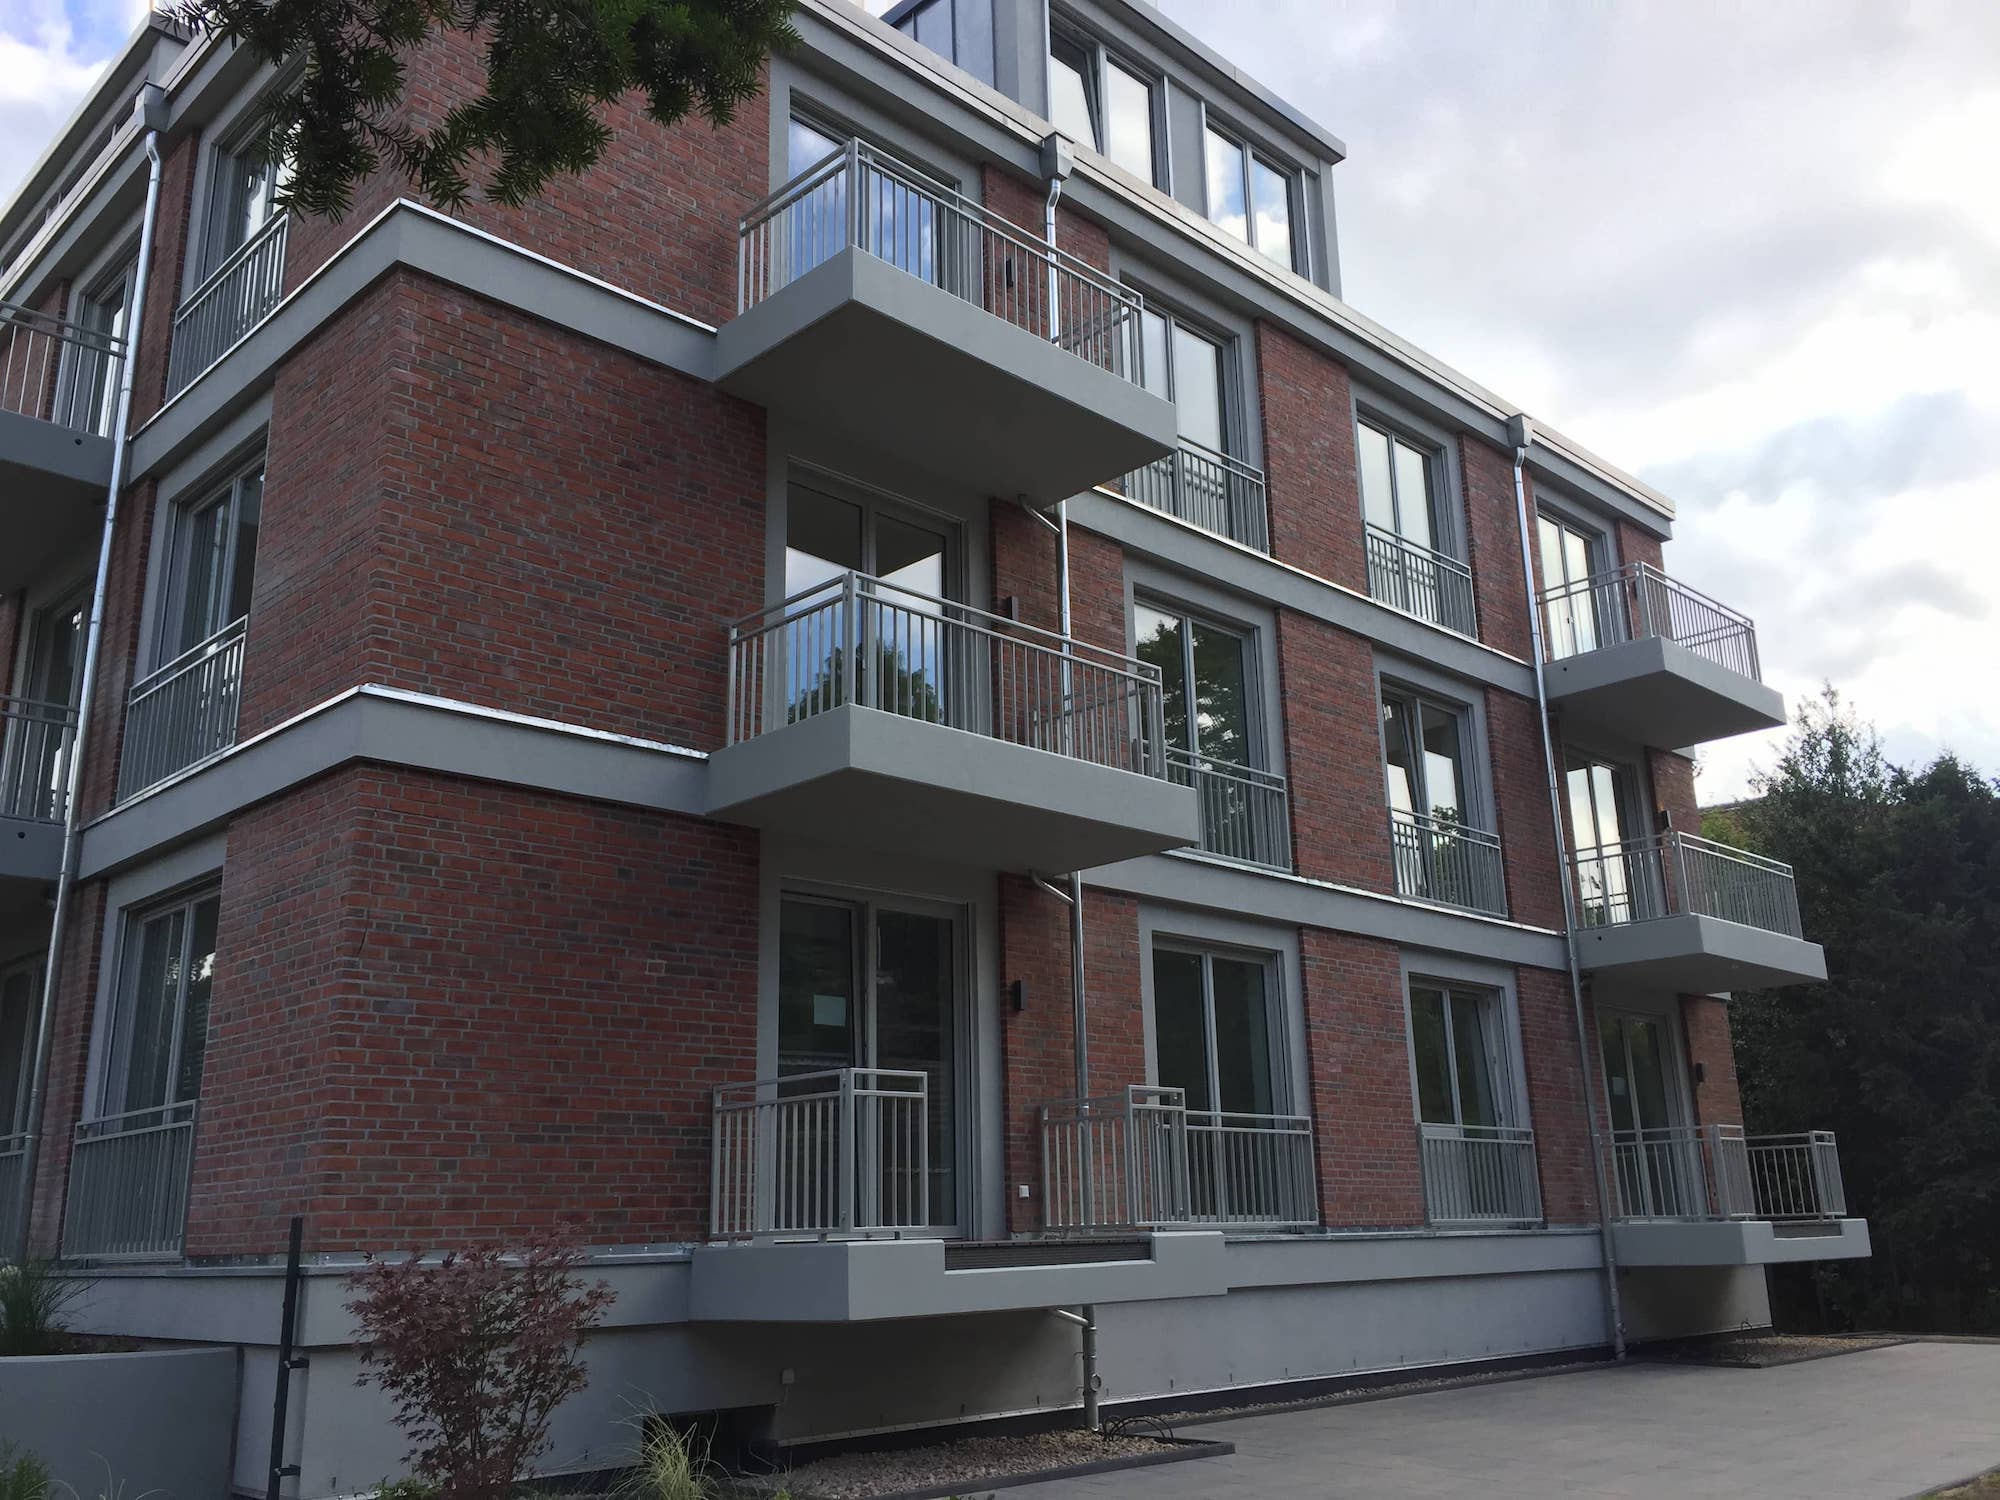 bk-metall-anlagenbau-balkonbau